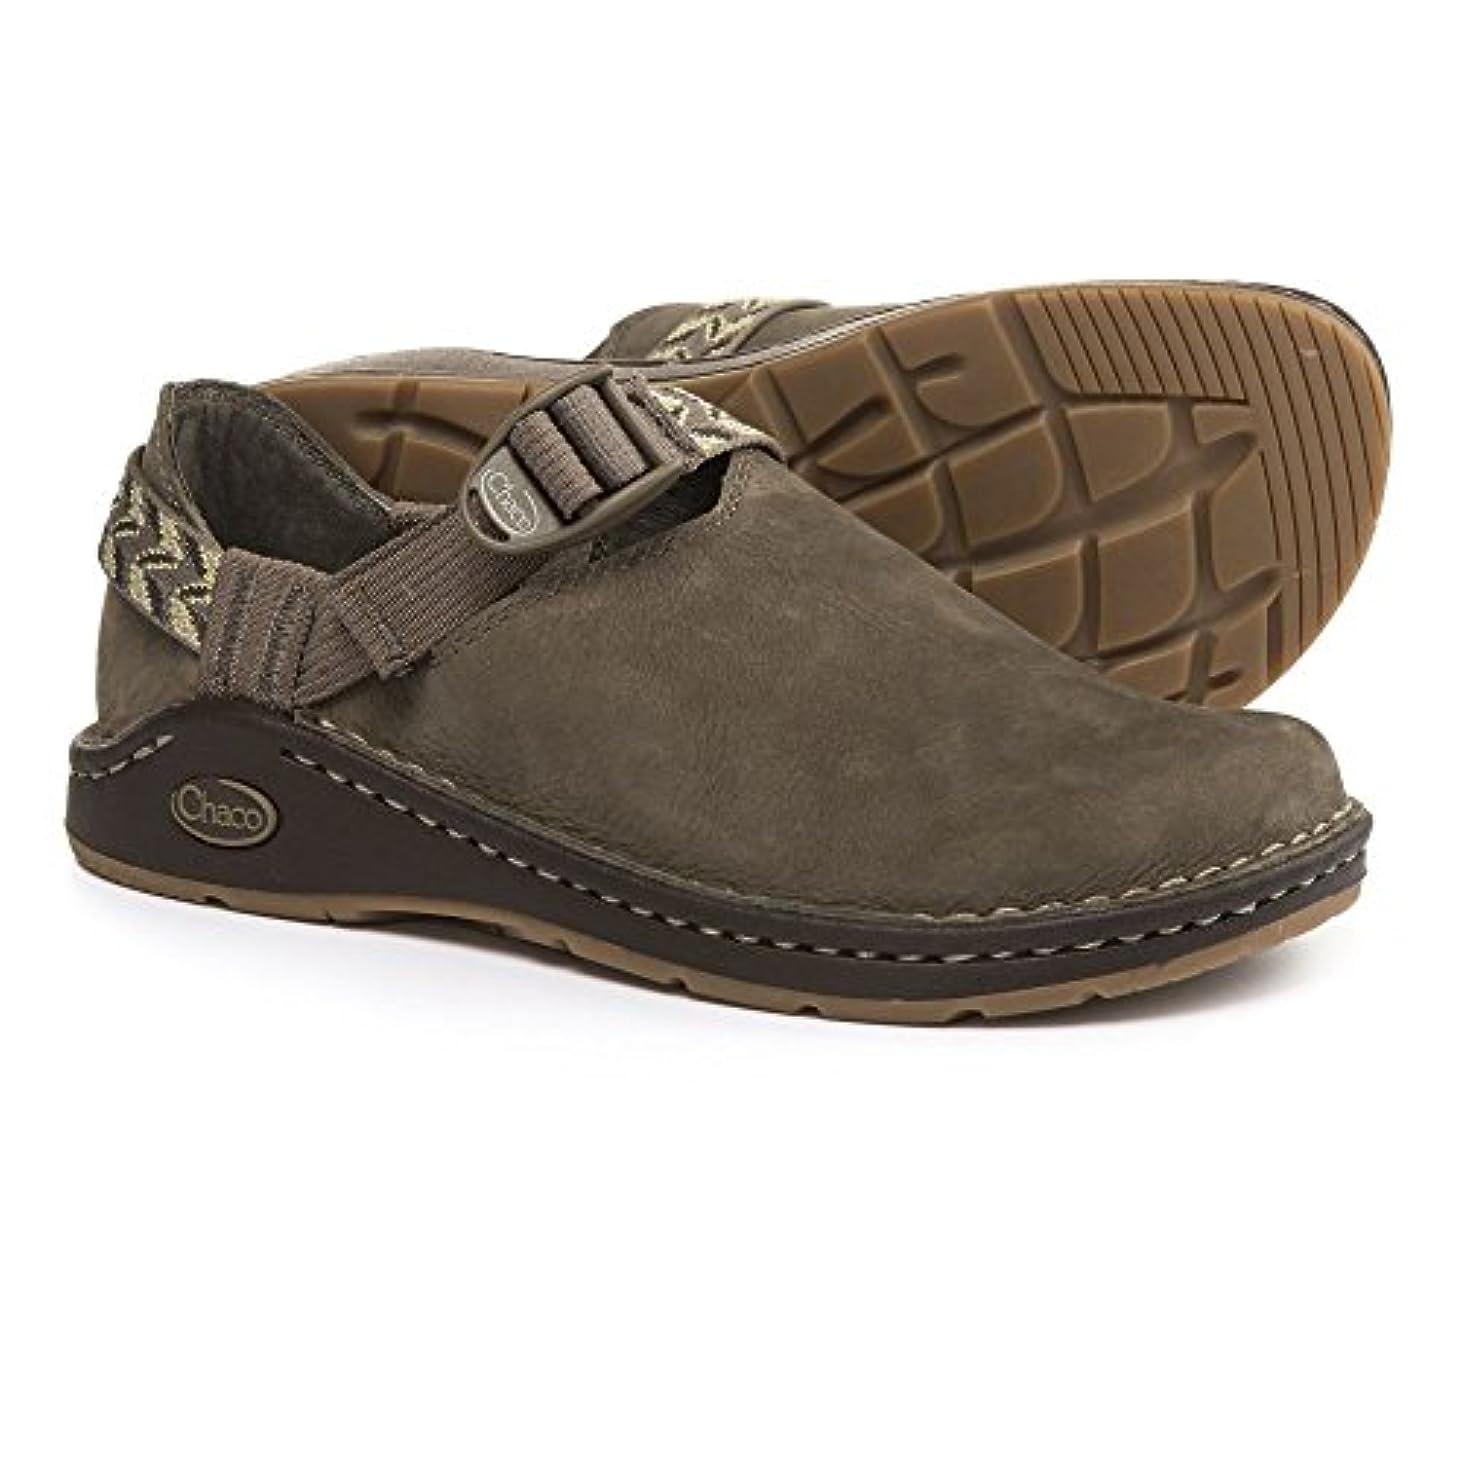 年複製先(チャコ) Chaco レディース シューズ?靴 Pedshed Shoes - Nubuck [並行輸入品]